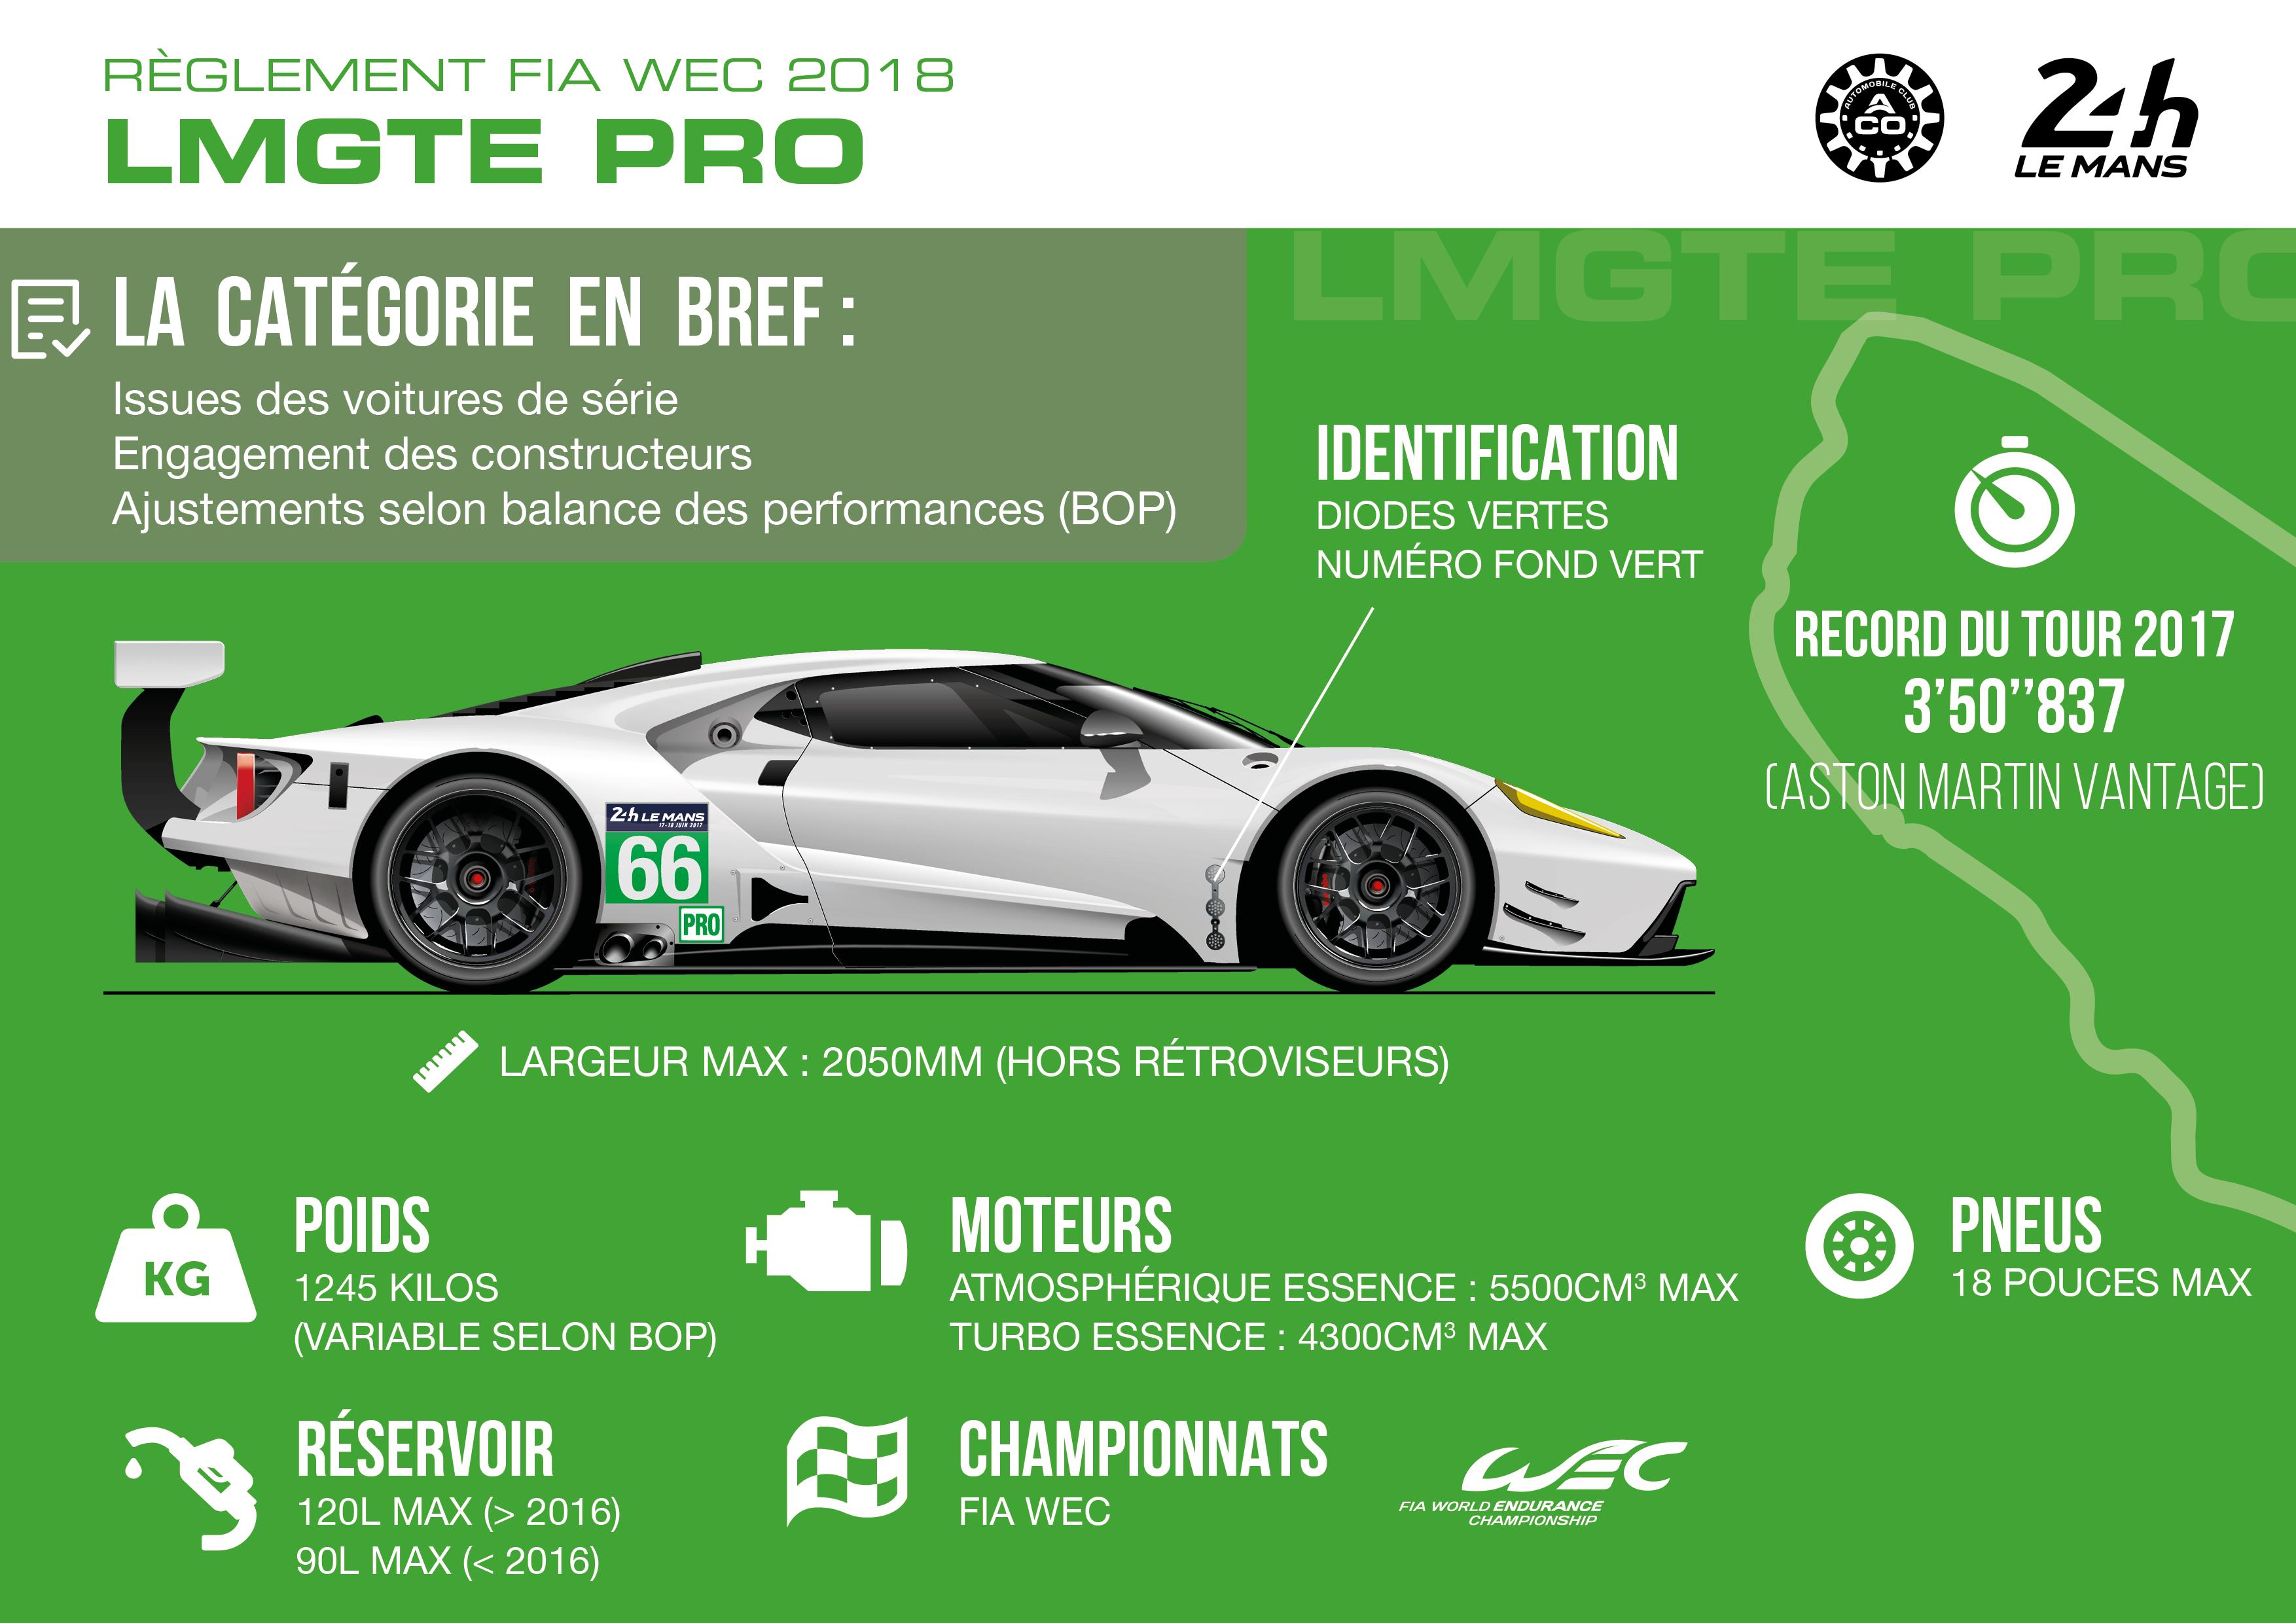 Règlement catégorie LM GTE Pro